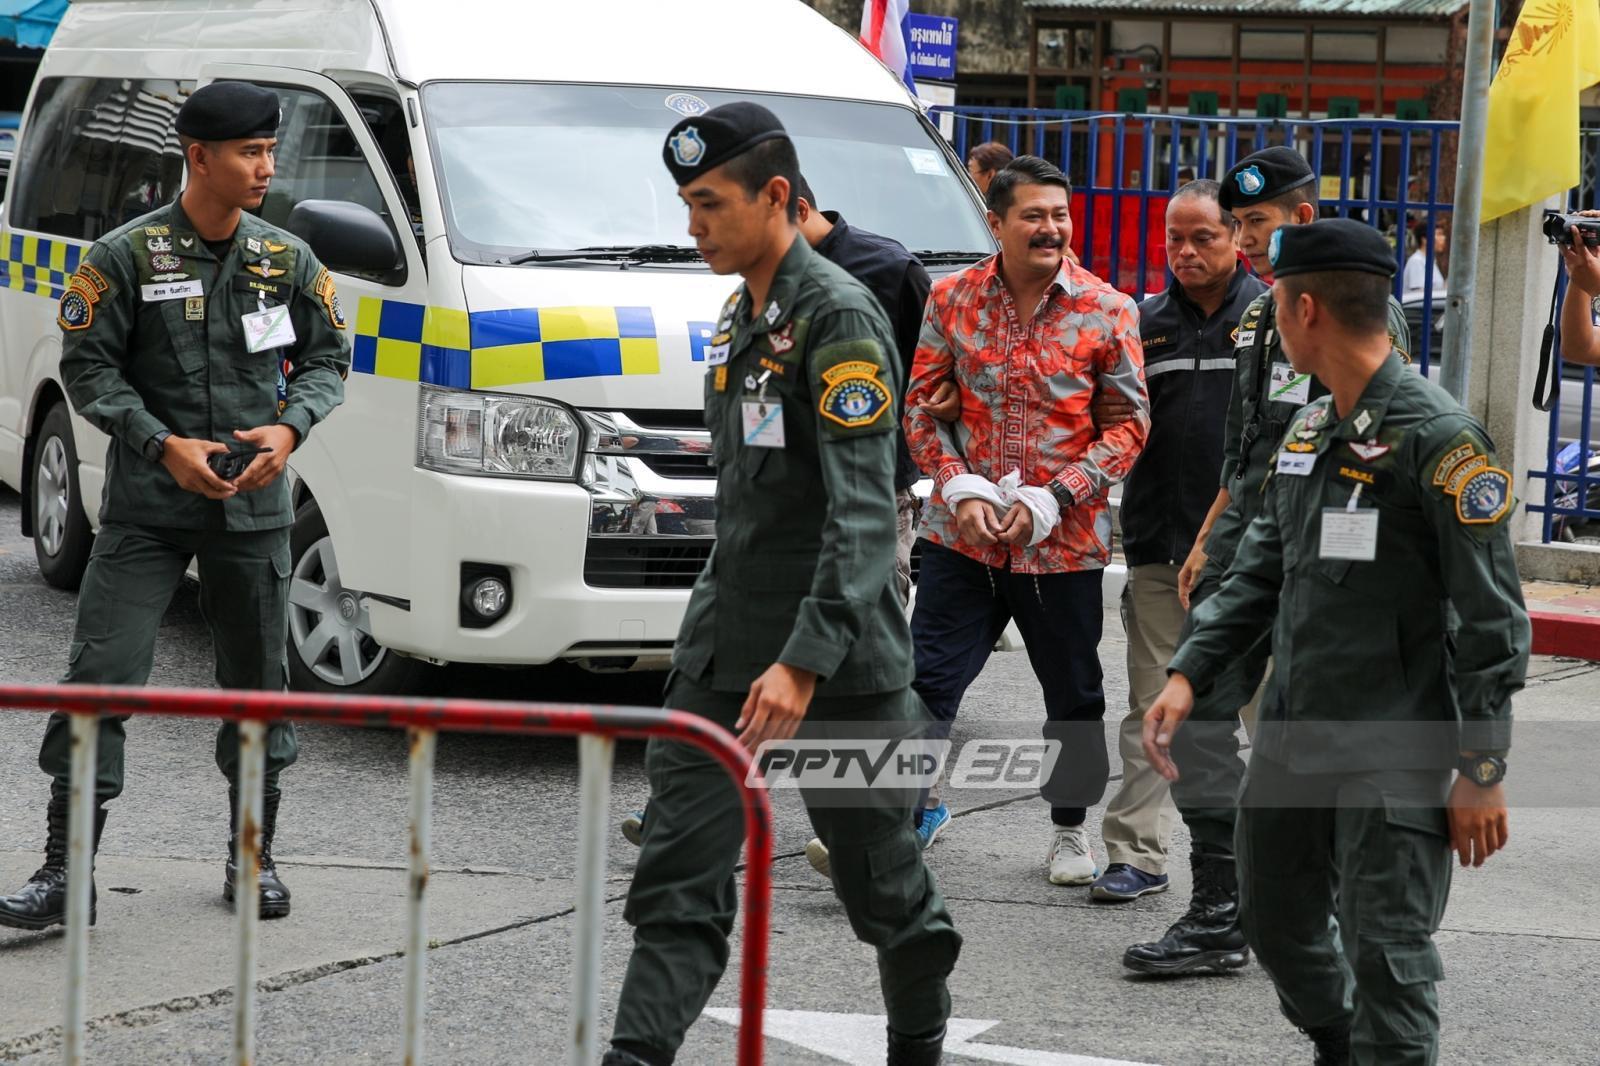 """ตำรวจกองปราบคุมตัว """"วัน อยู่บำรุง"""" ฝากขังศาลอาญากรุงเทพใต้"""